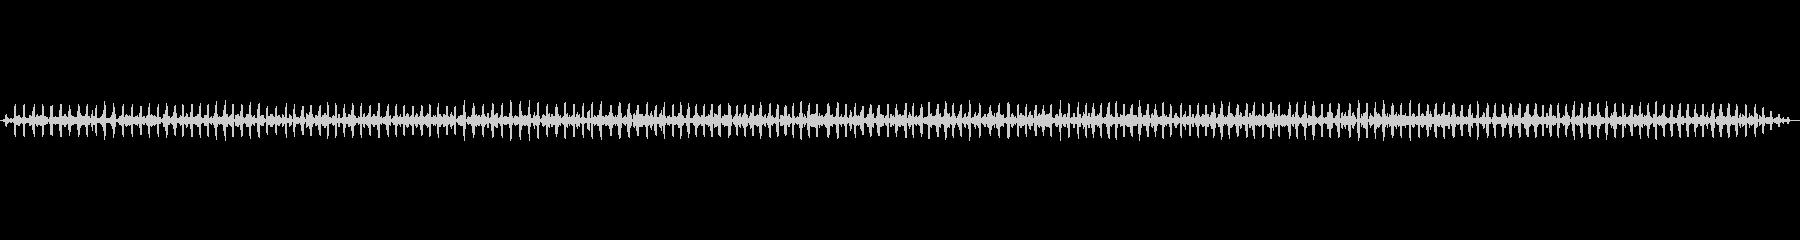 自然 新鮮な冬の湖クリケット鳥01の未再生の波形